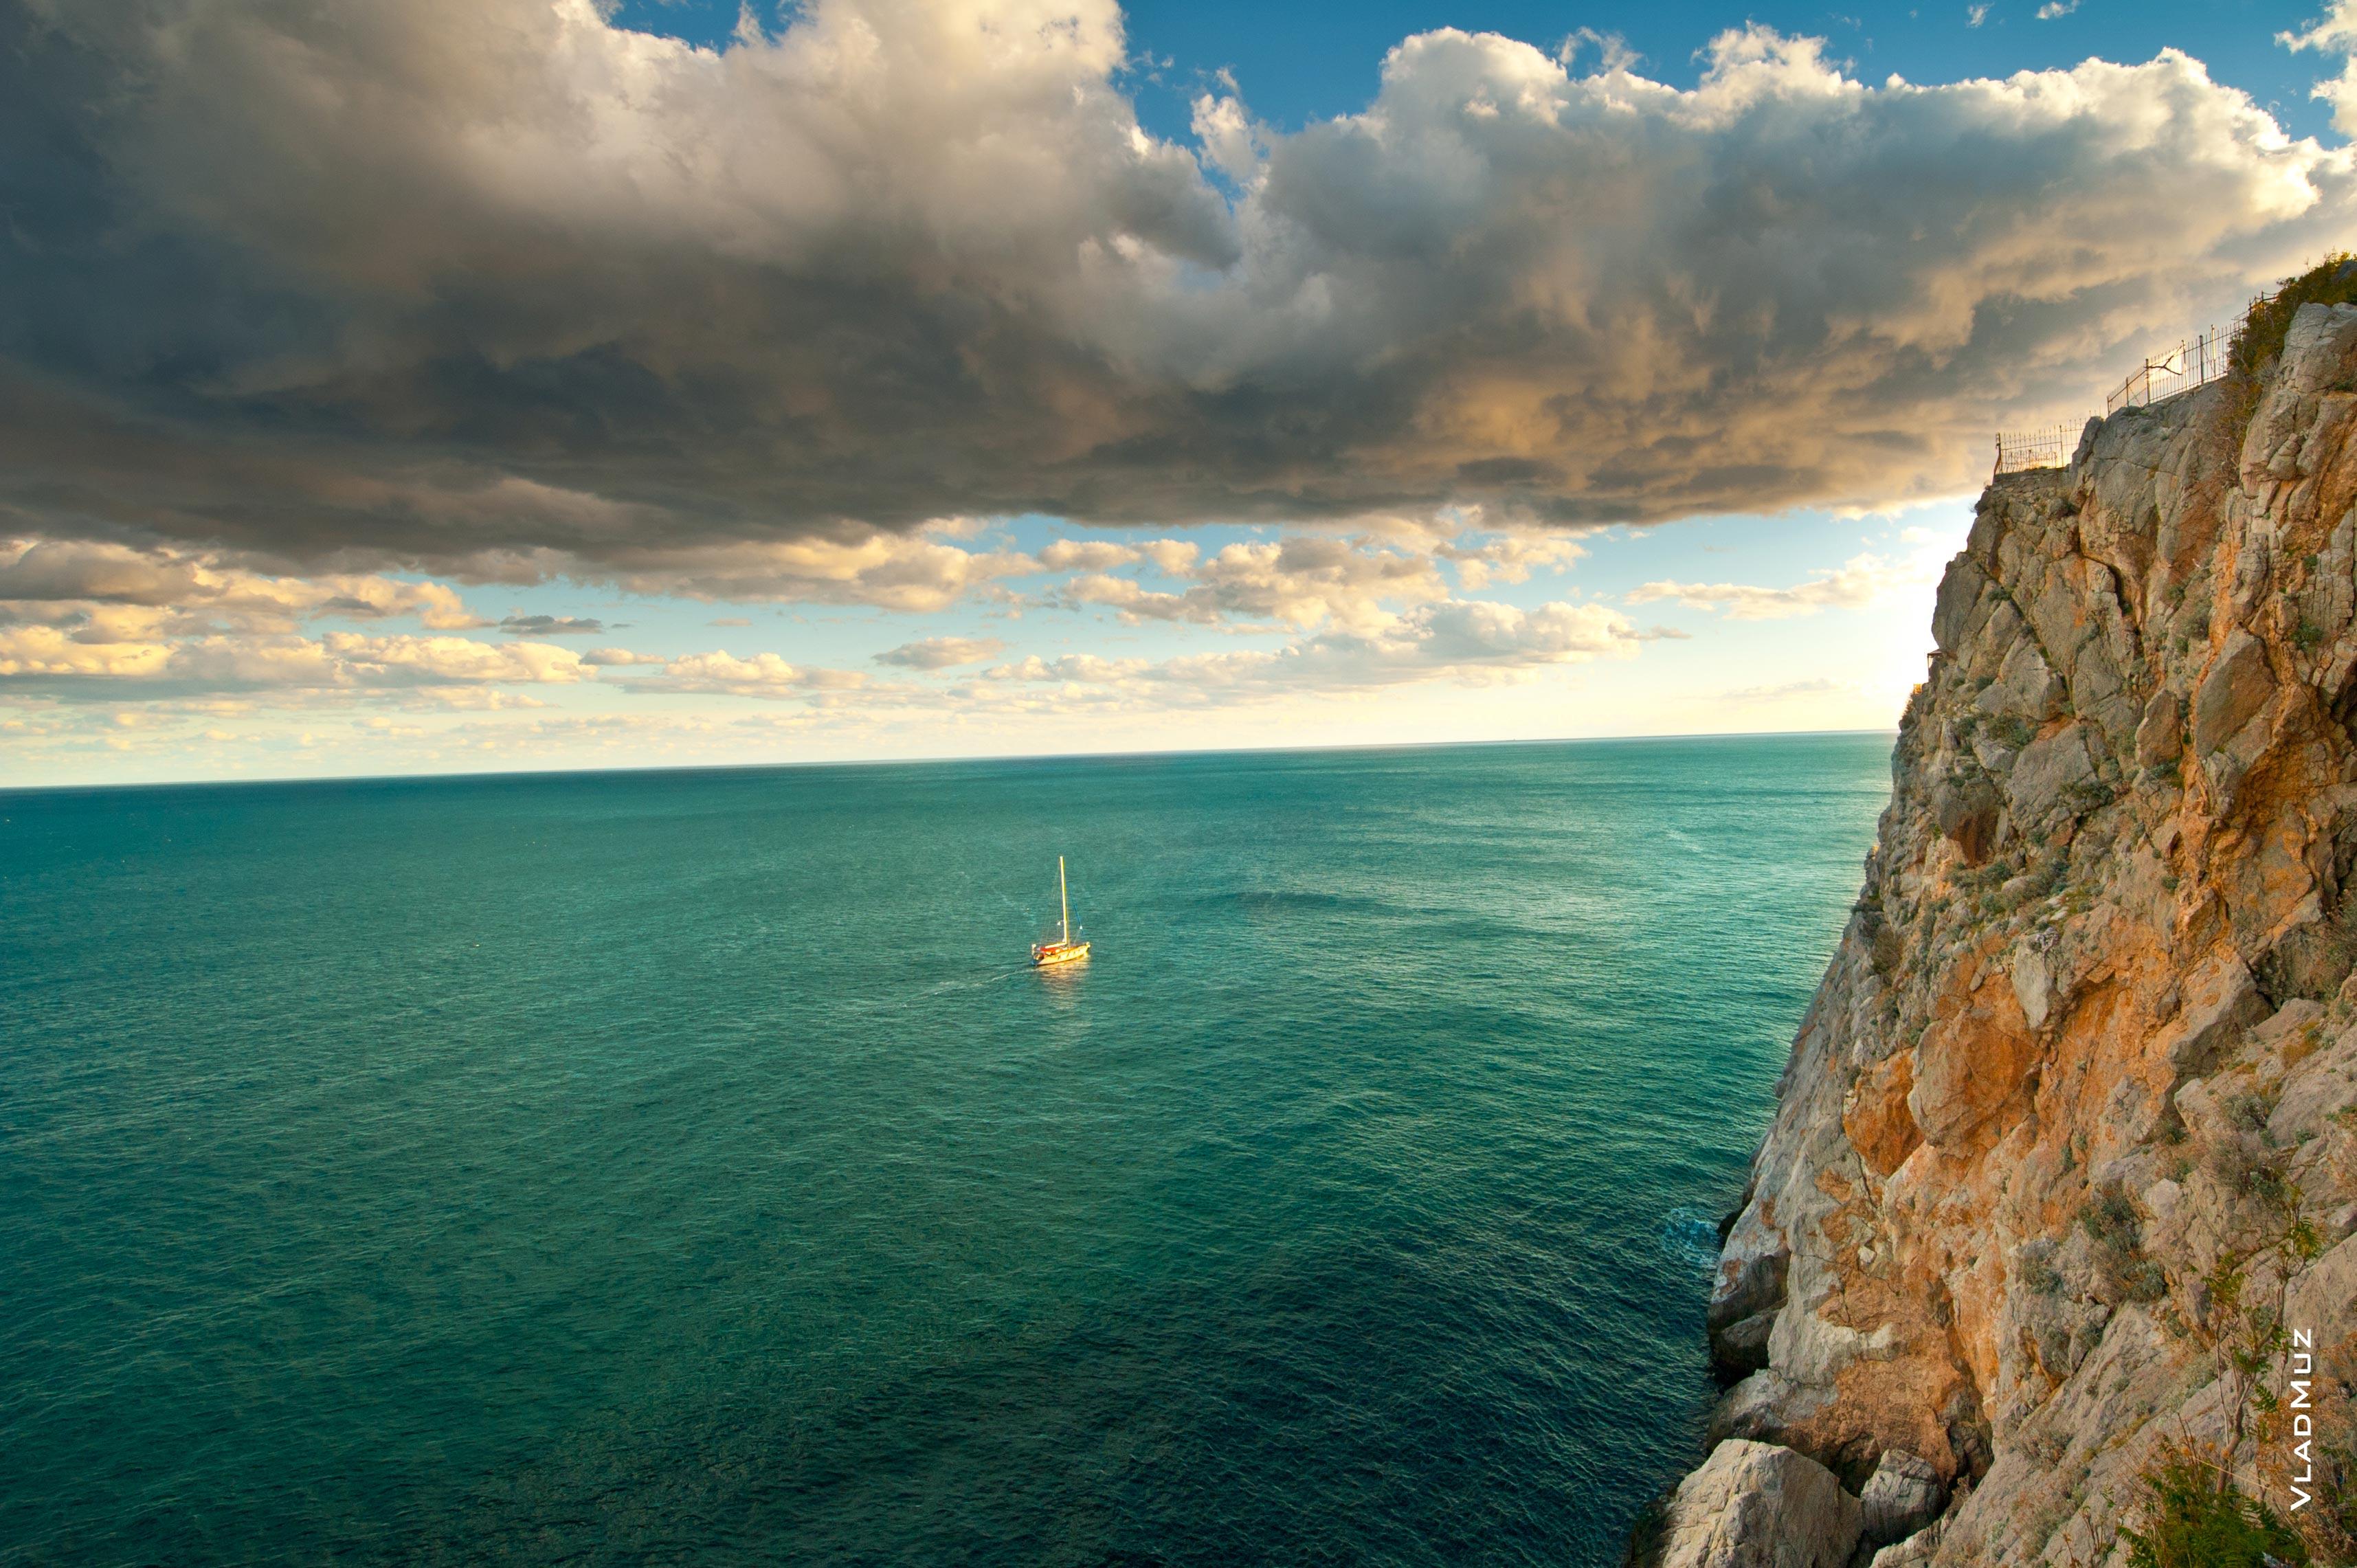 предлагаем фото пейзажей крыма с моря служба государственной статистики